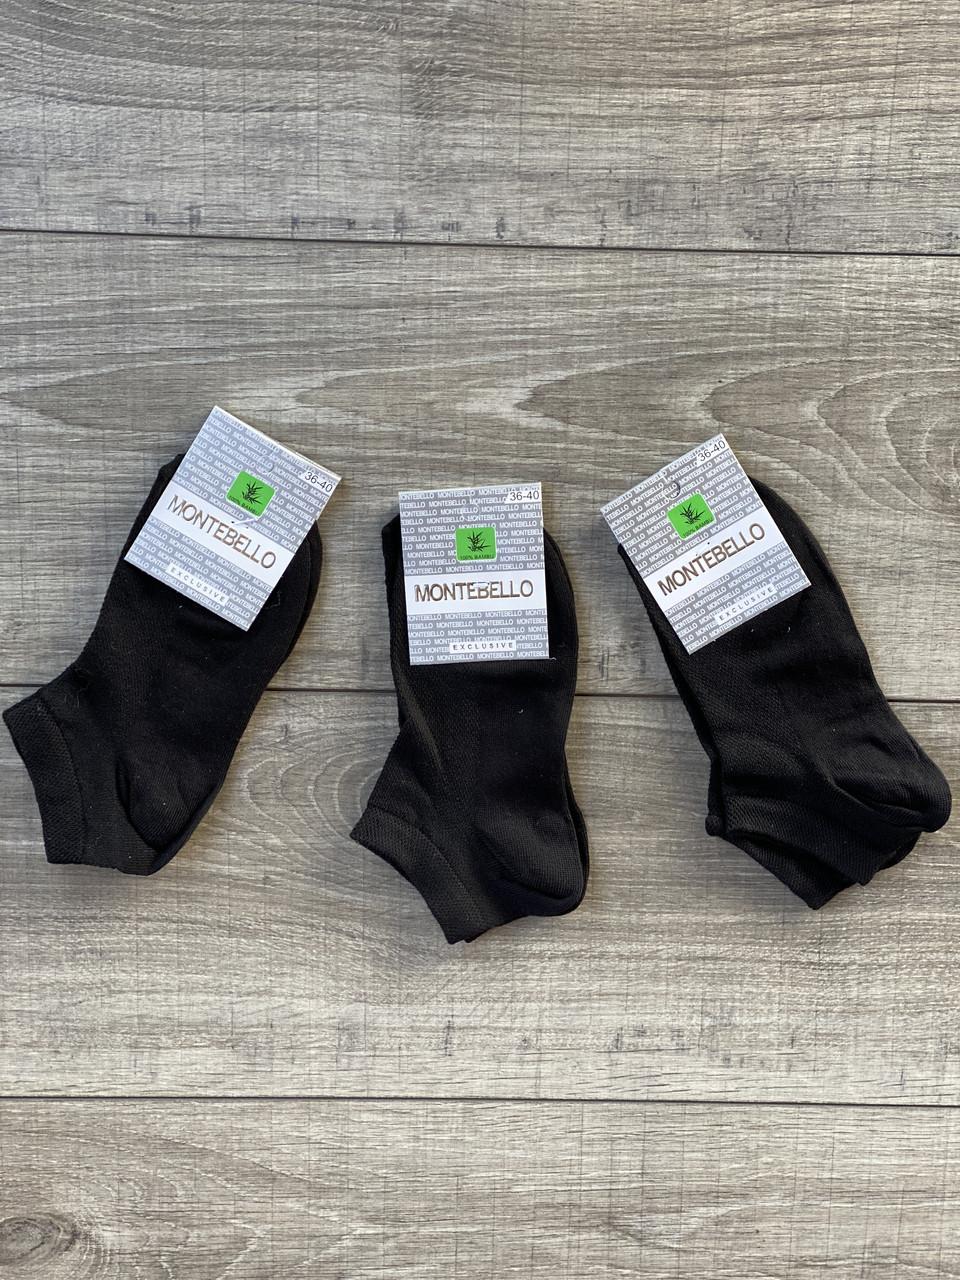 Женские носки стрейчевые Montebello сеточка однотонные 35-40 12 шт в уп черные